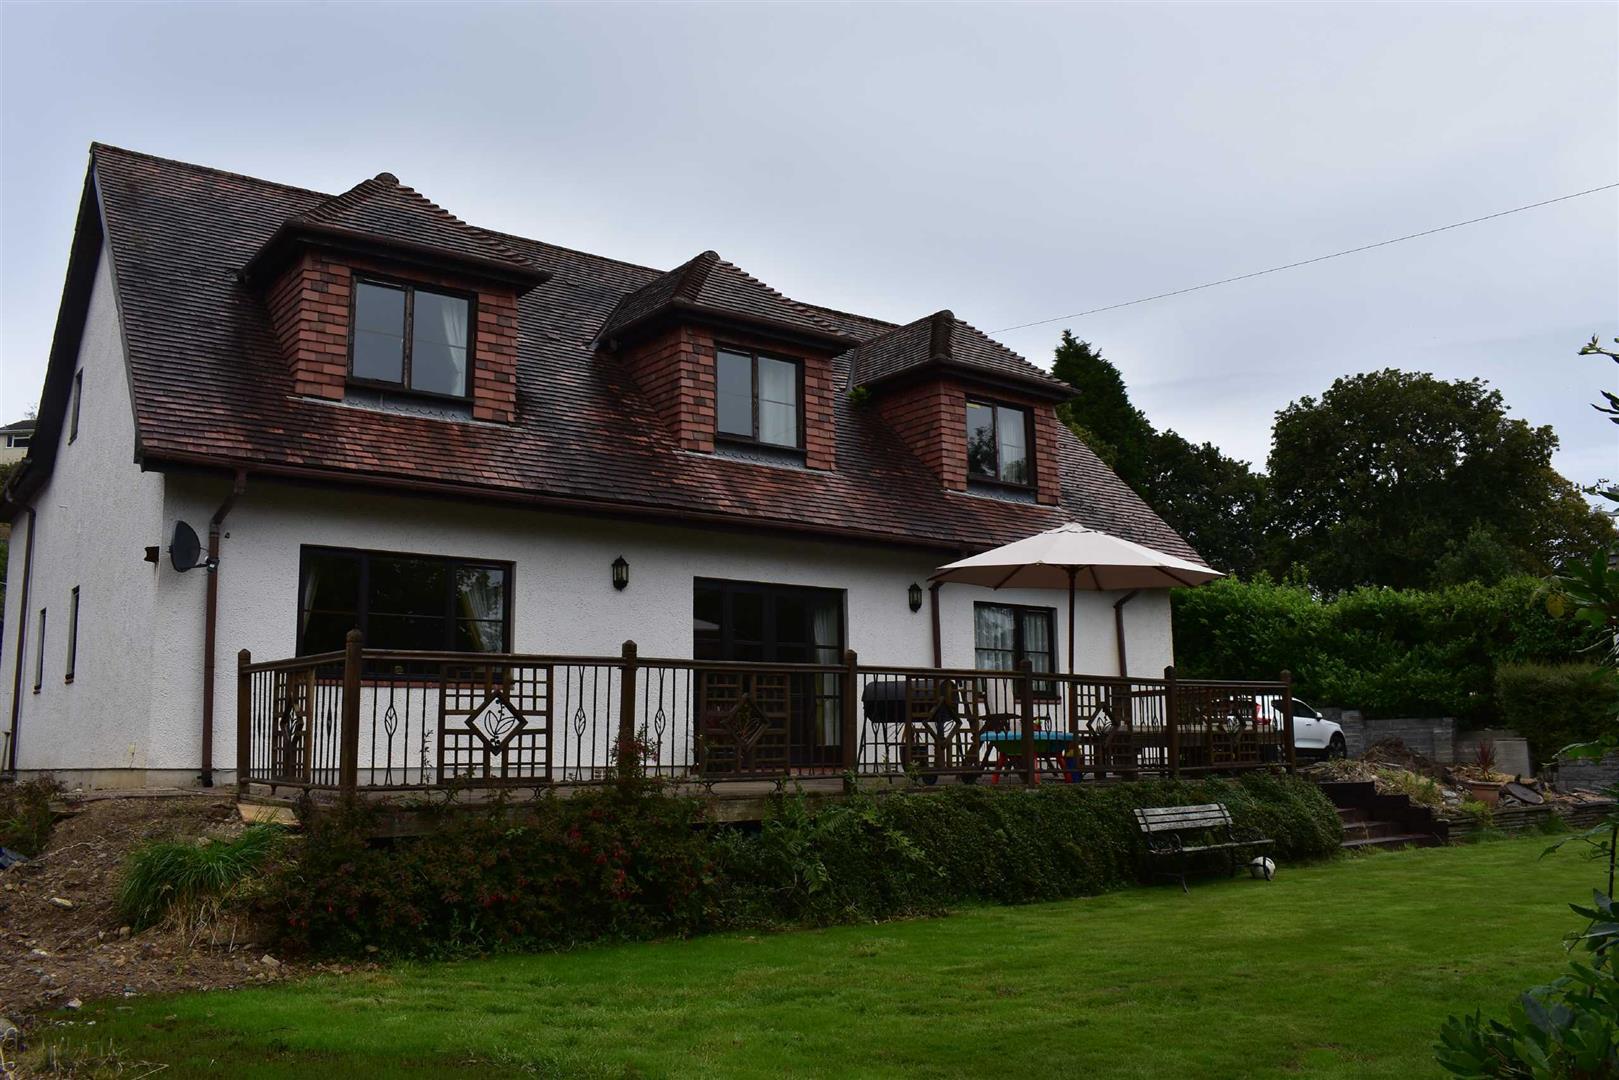 Hendrefoilan Road, Sketty, Swansea, SA2 9LU